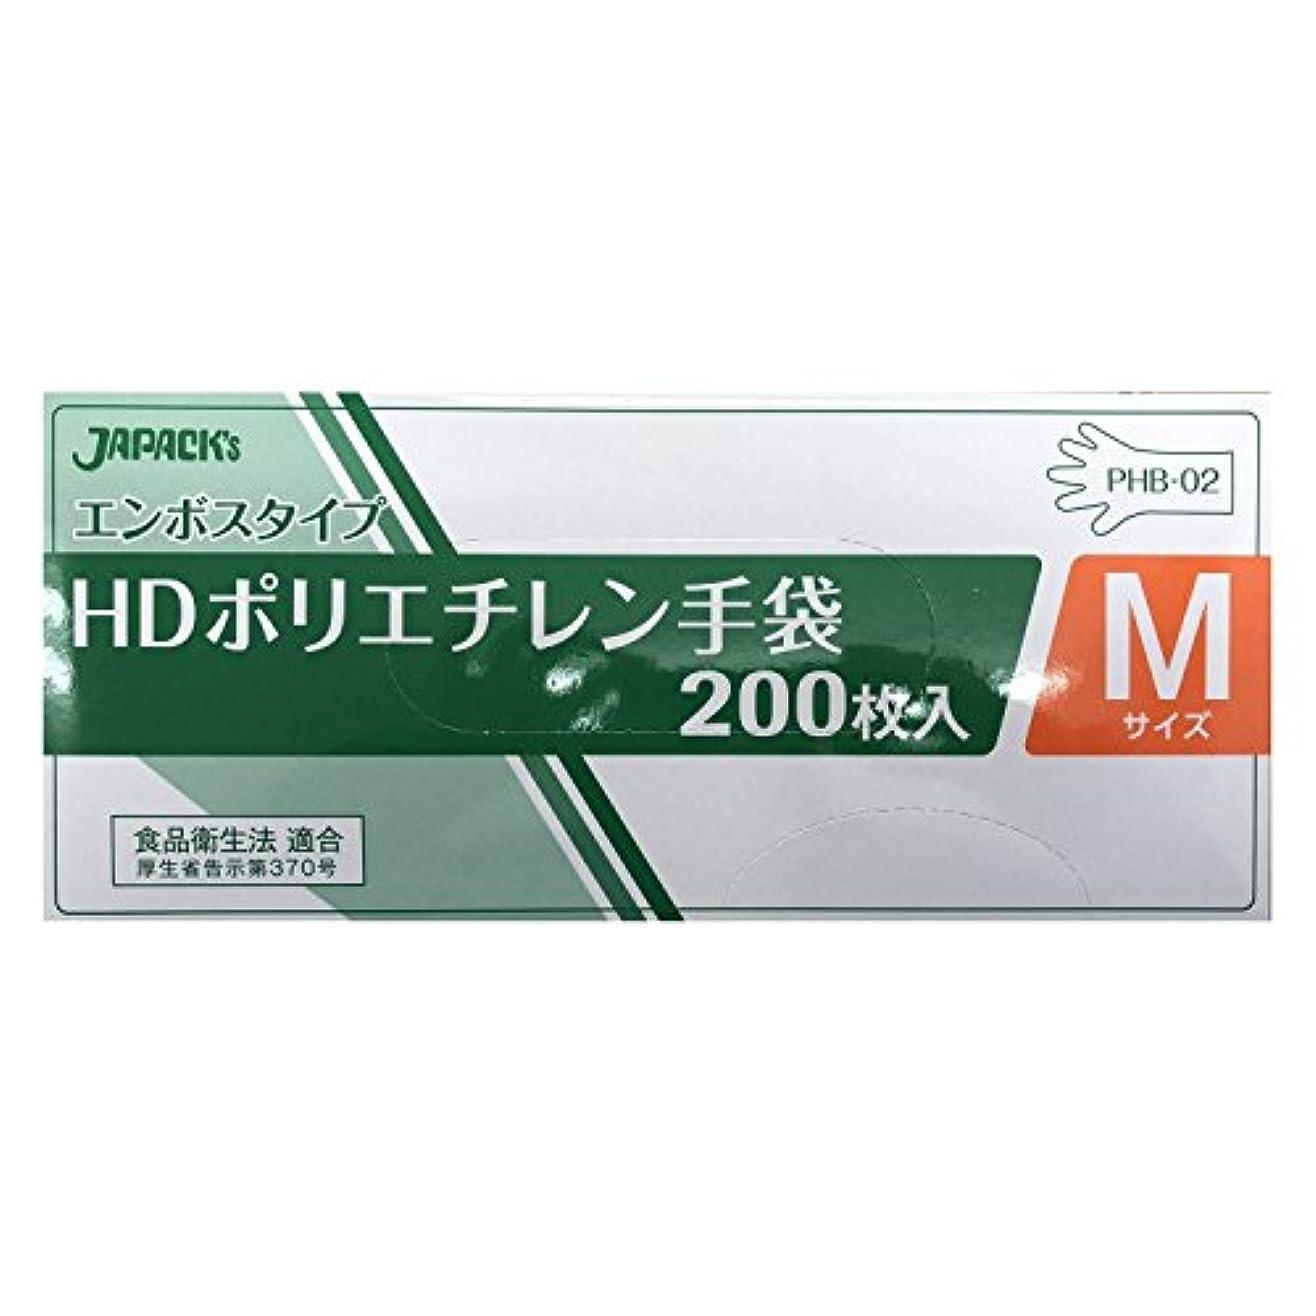 バイオレットカプラー合わせてエンボスタイプ HDポリエチレン手袋 Mサイズ BOX 200枚入 無着色 PHB-02